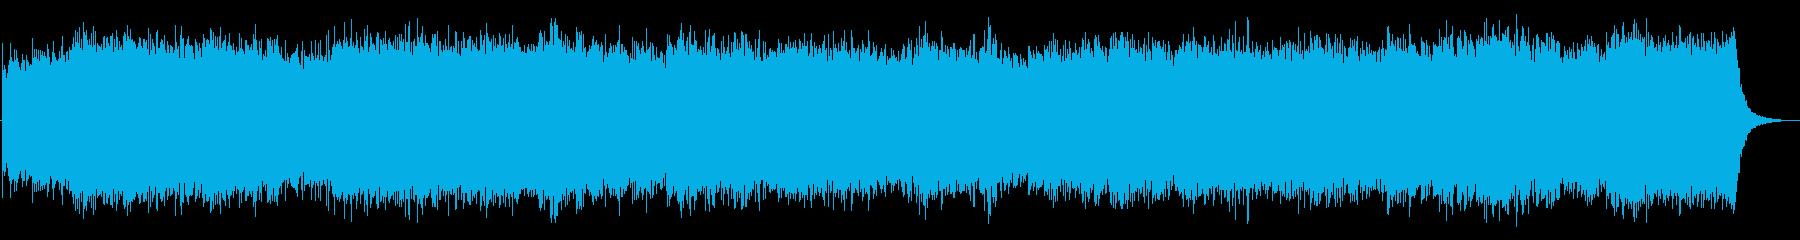 急な腹痛でトイレを探している時の脳内音楽の再生済みの波形